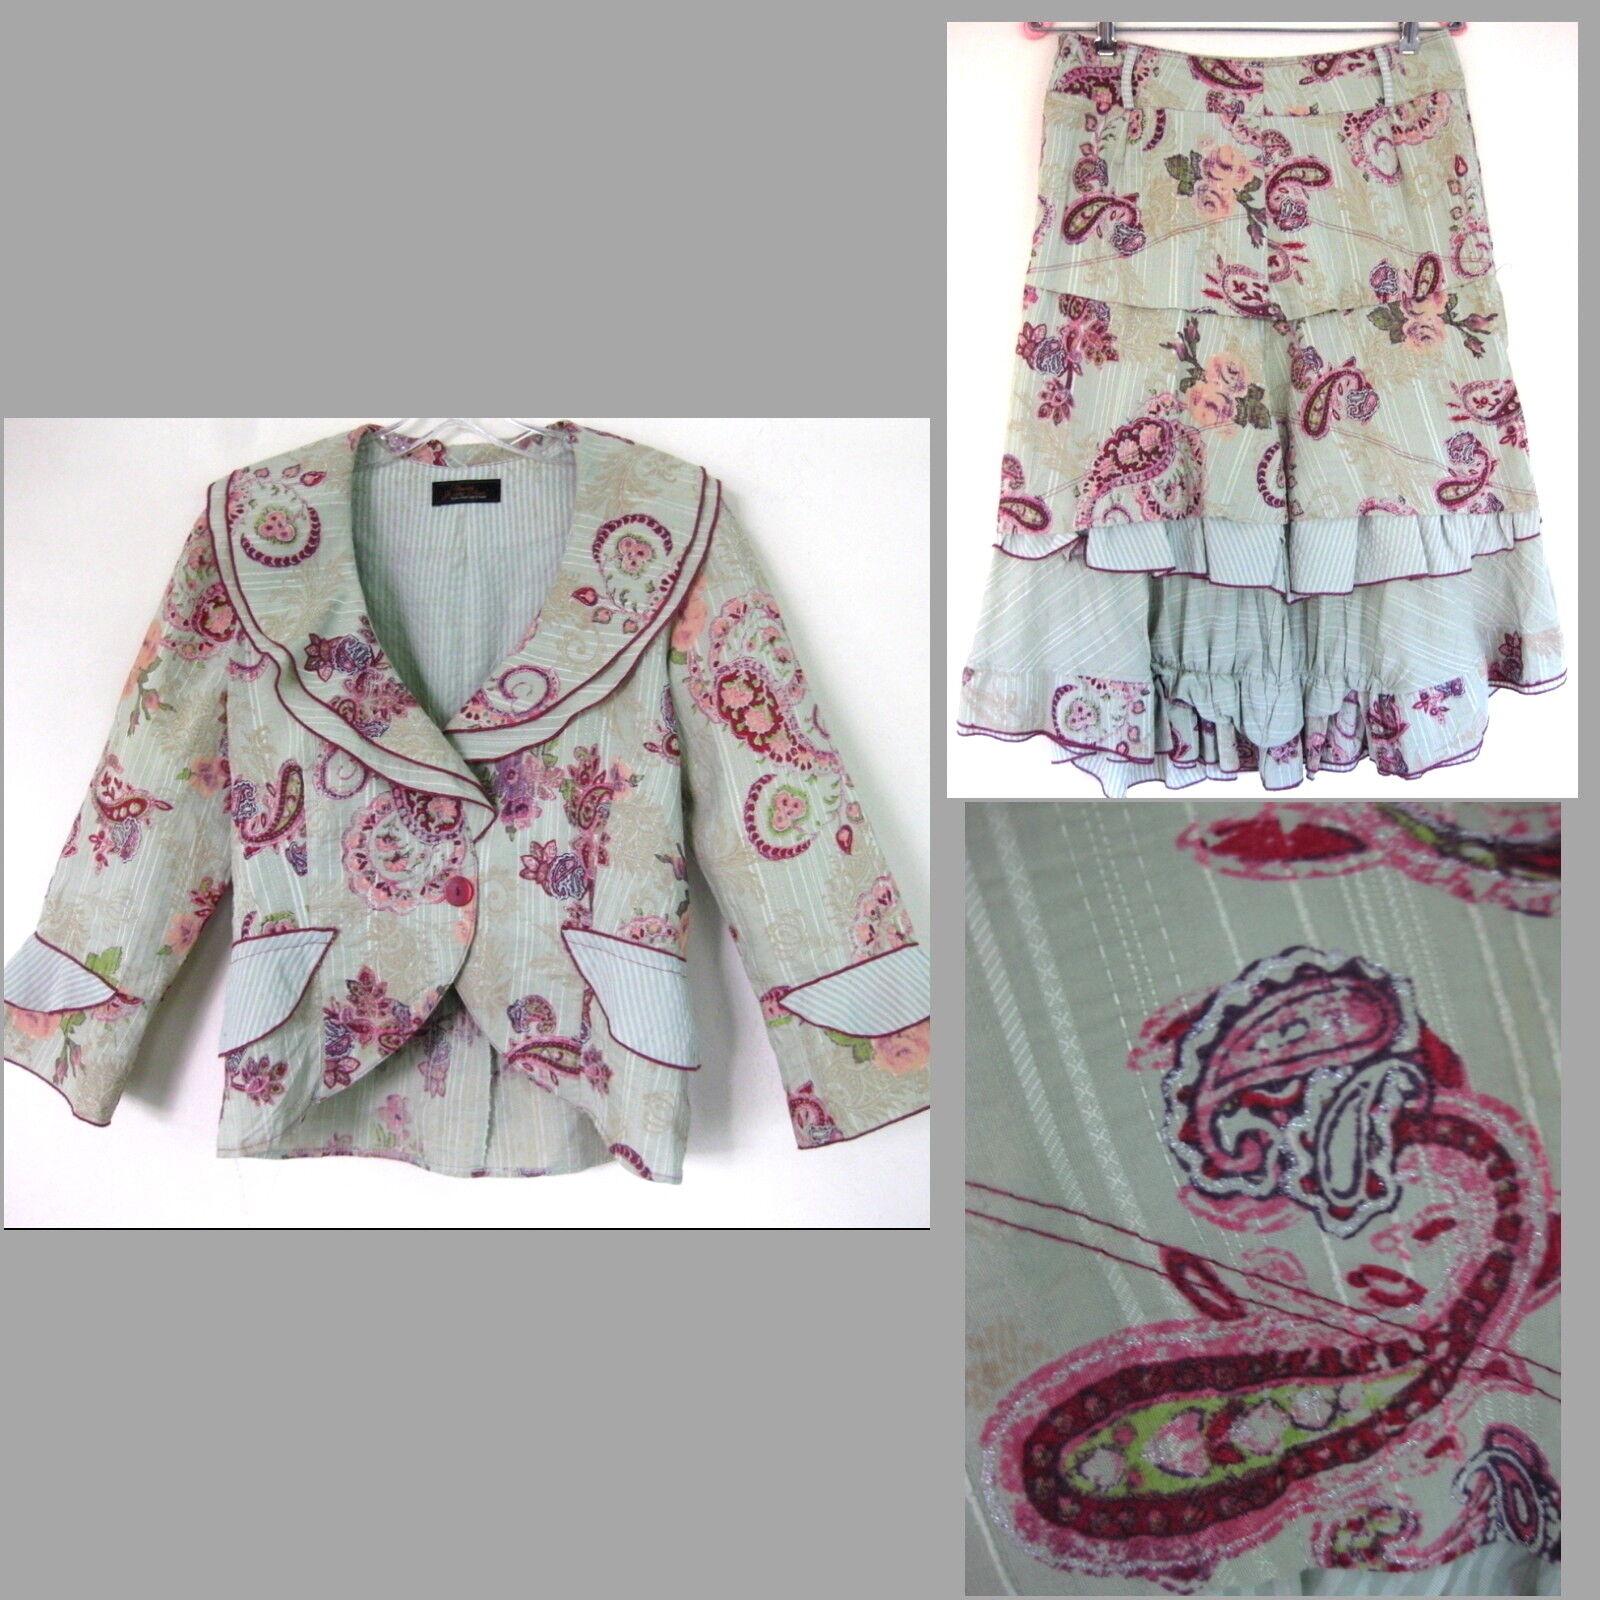 Floral Jupe Costume 10 France coton 42 BL rose imprimé M Multi Printemps rohommetique